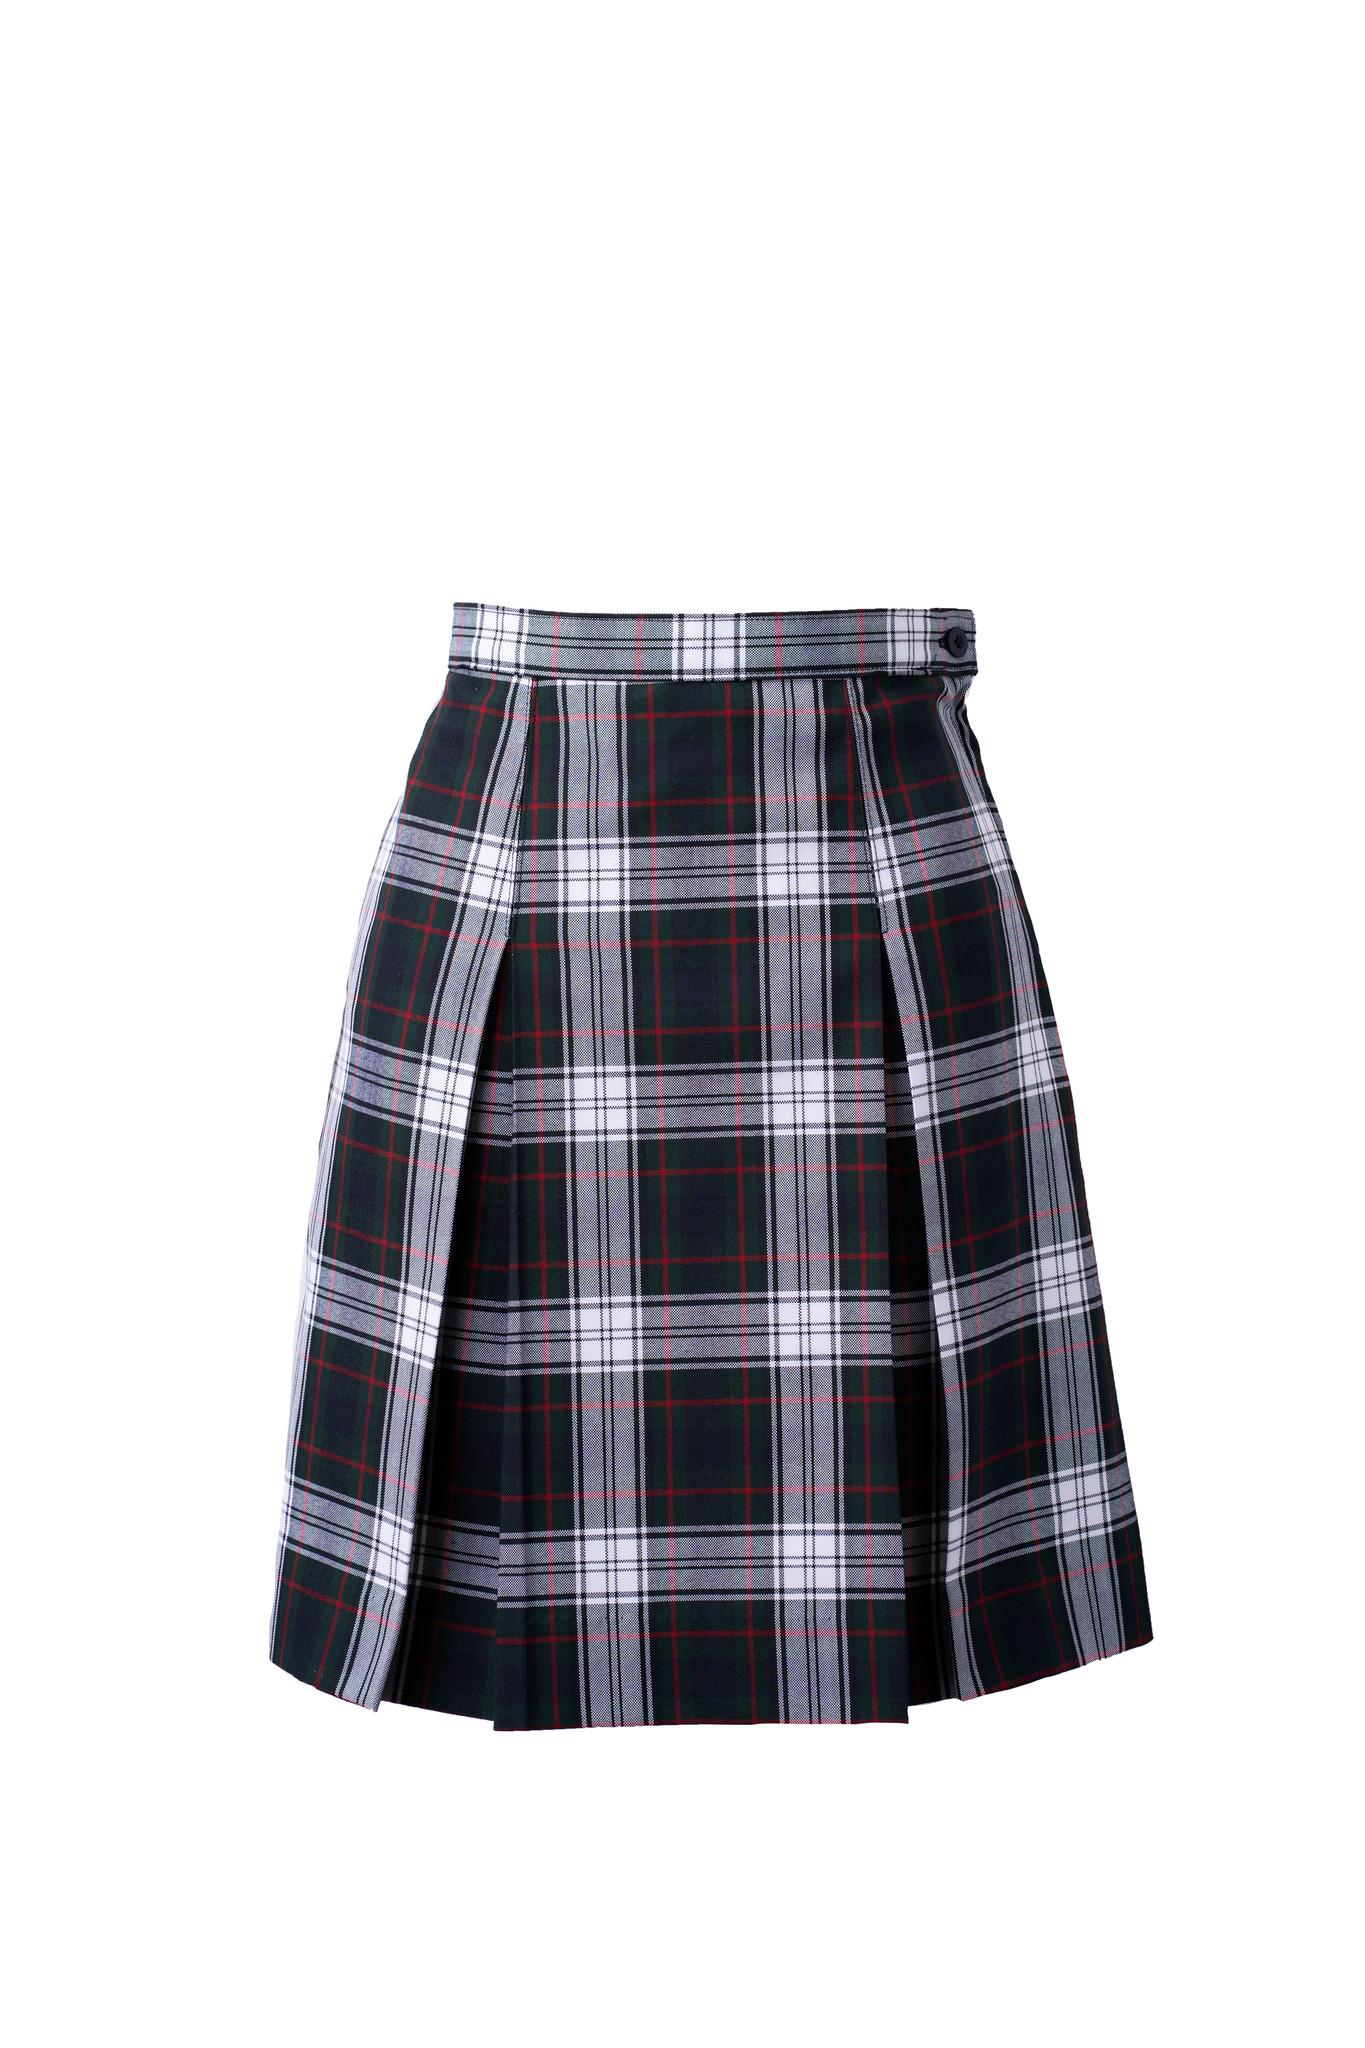 St. Philip Skirt